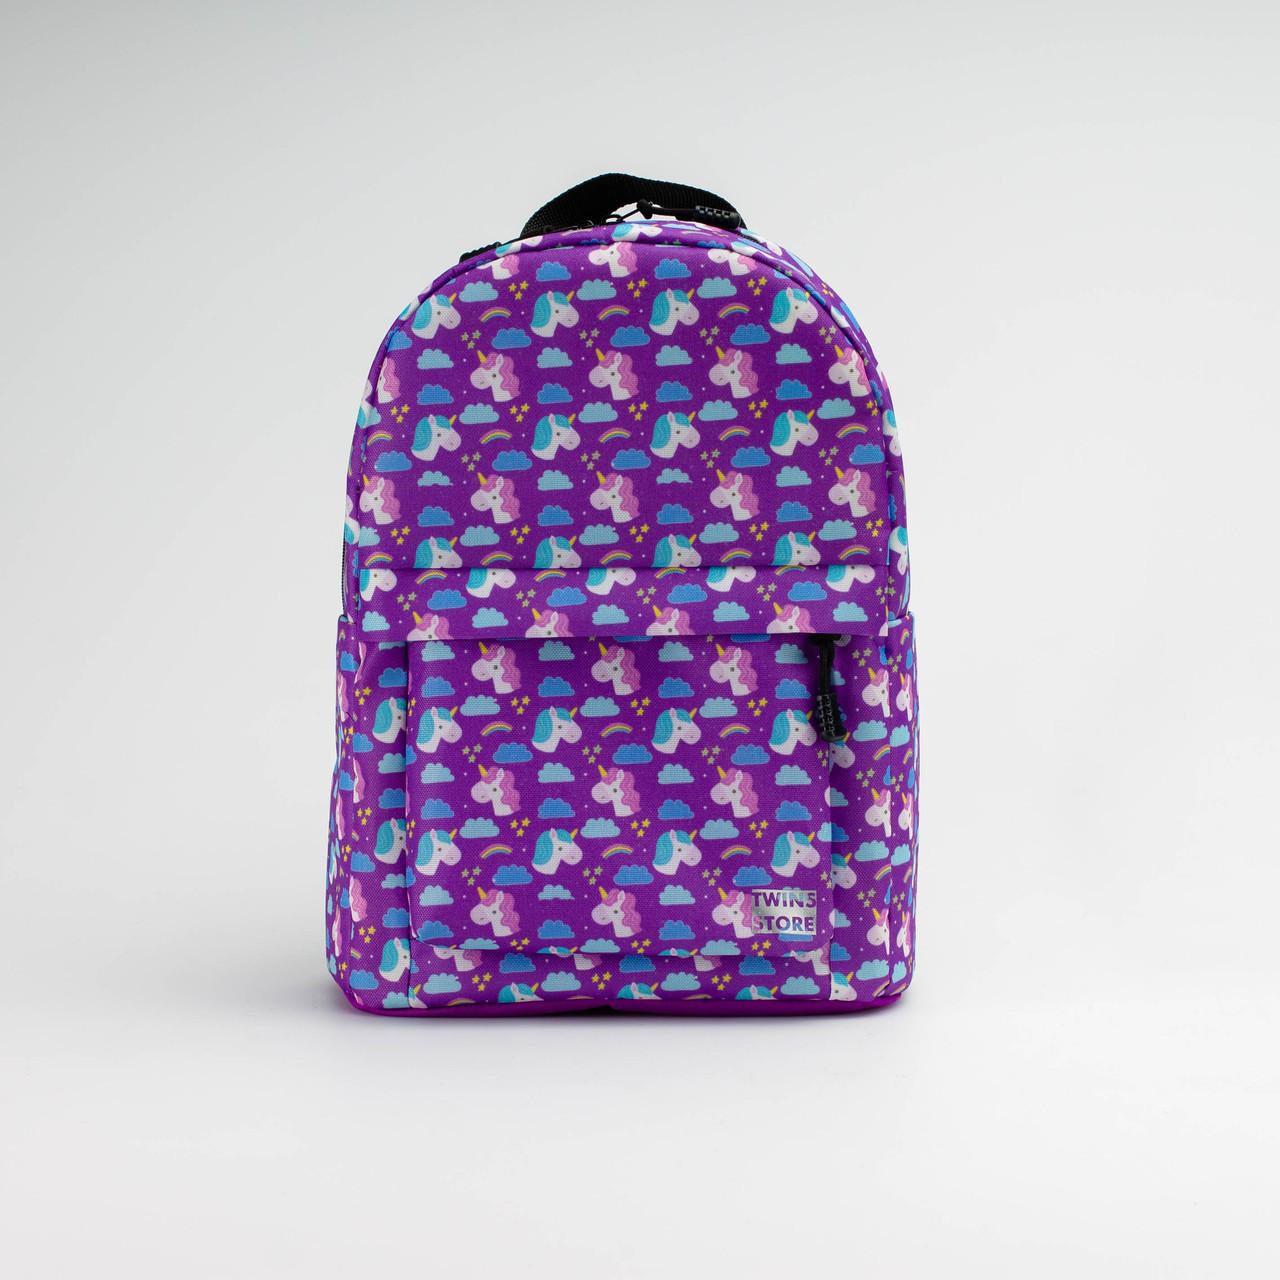 Рюкзак Twins mini з єдинорогом аиолетовый